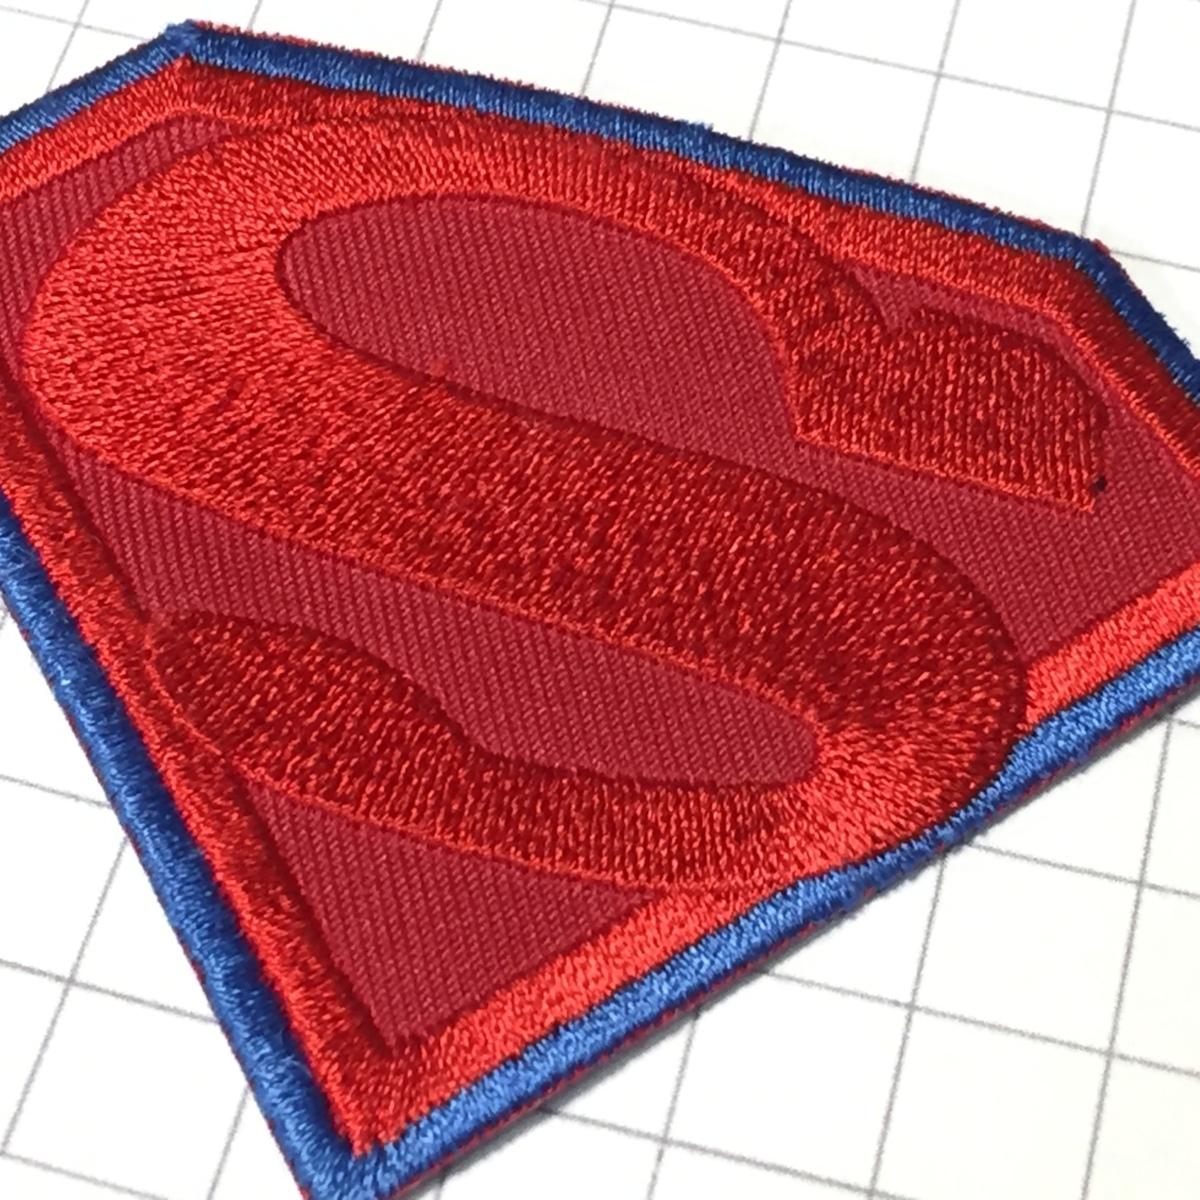 112 Superman スーパーマン ロゴ アイロン ワッペン リペア カスタム 刺繍ワッペン アメコミ ヒーロー_画像3